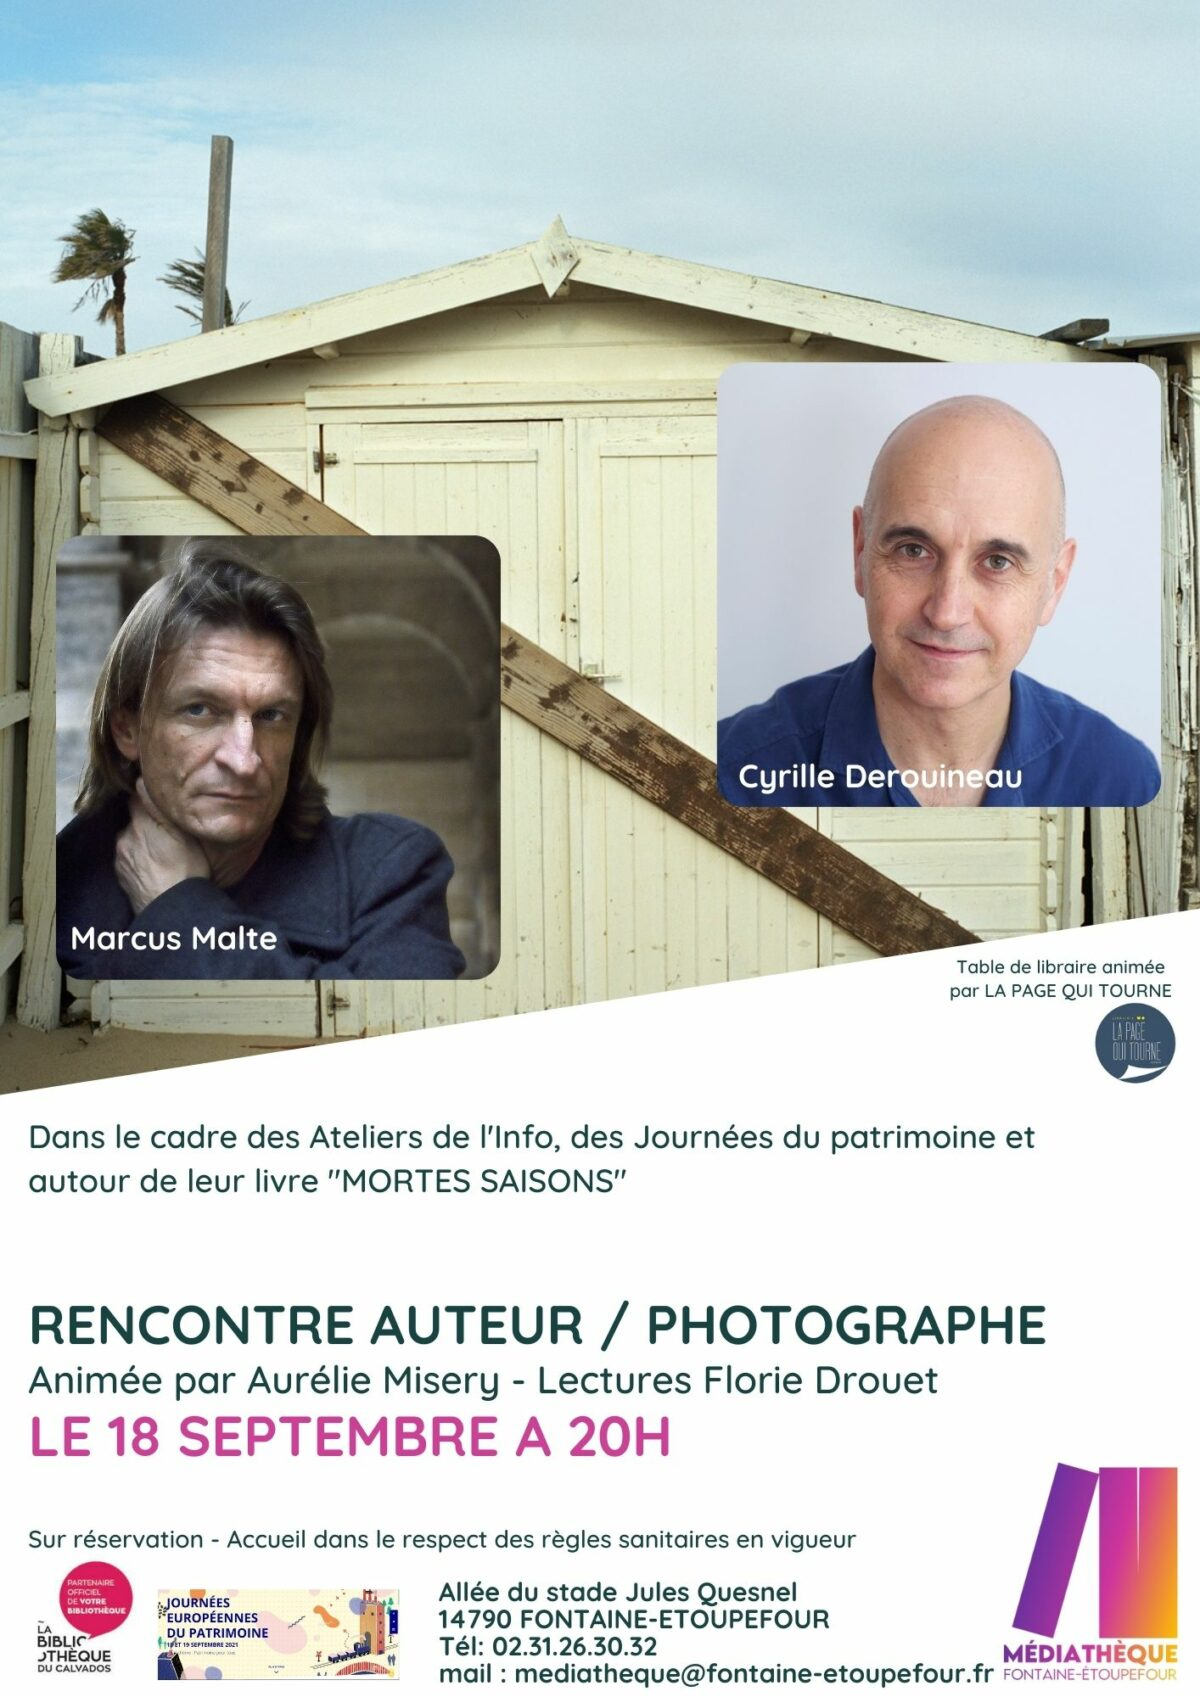 Rencontre auteur/photographe à la médiathèque